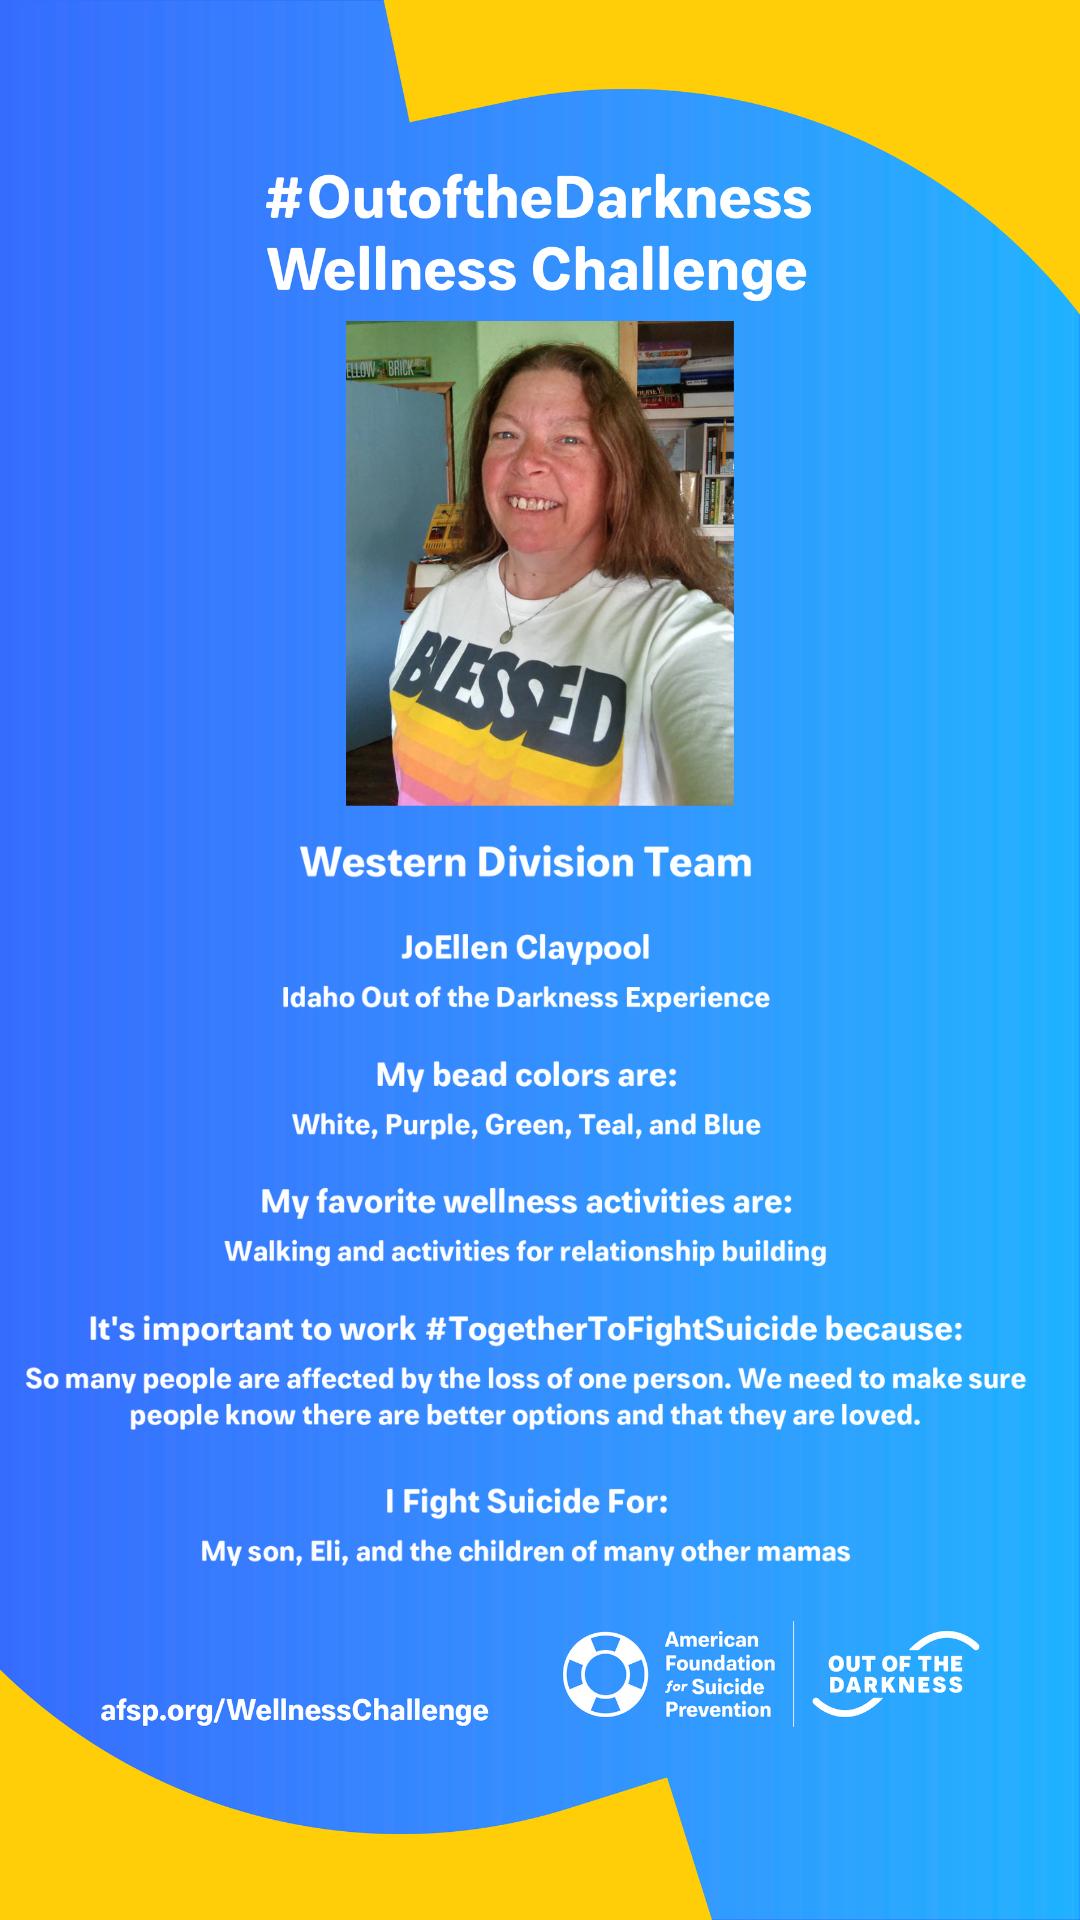 JoEllen Claypool